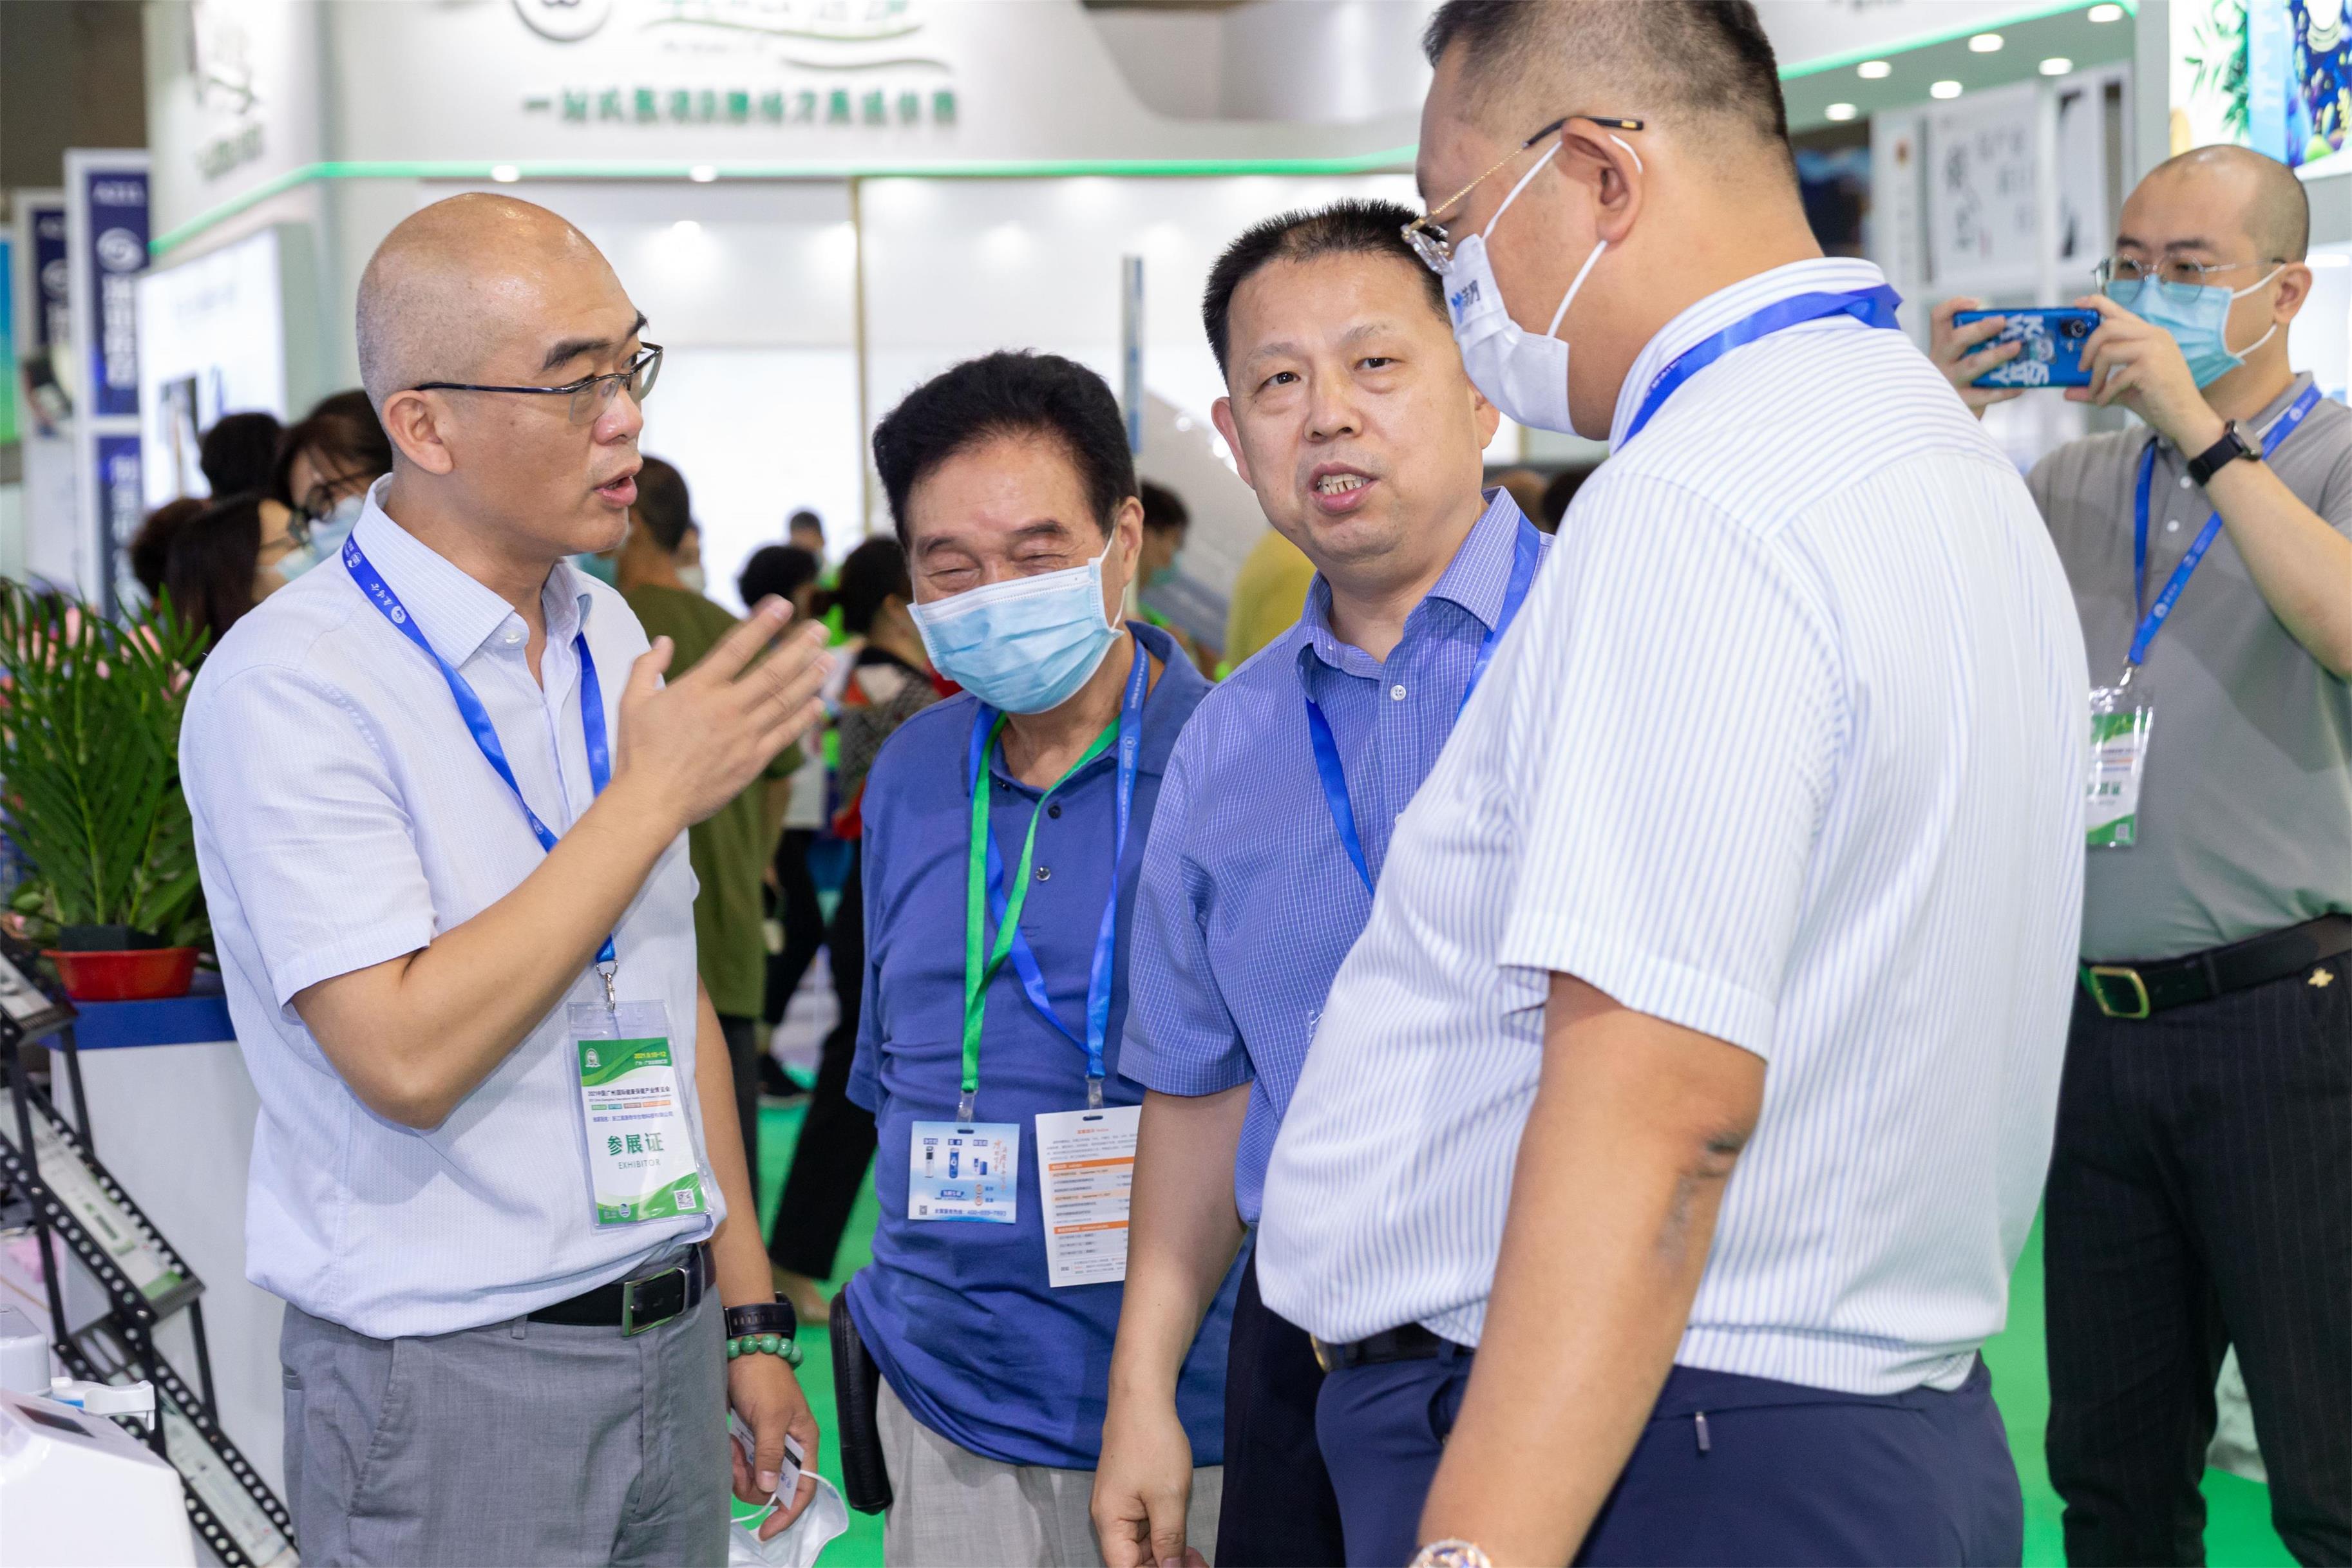 【展会风采】纳诺巴伯小Q家族三兄弟闪亮登场2021广州氢产品展!